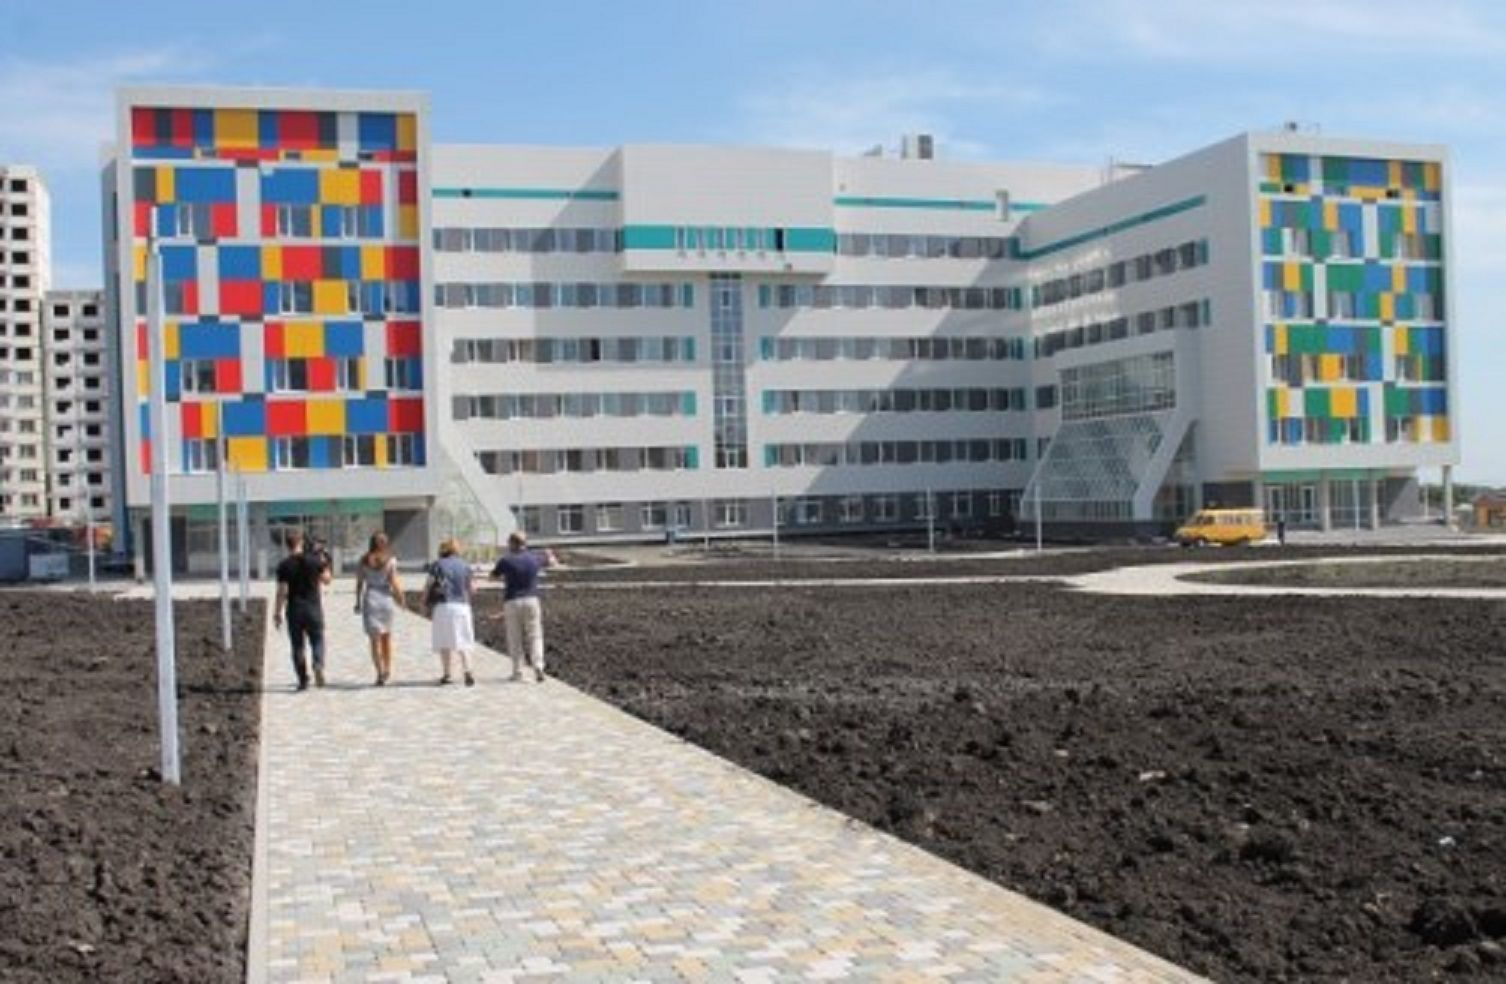 Вовтором квартале 2017 года начнет прием больных новая поликлиника вСтаврополе